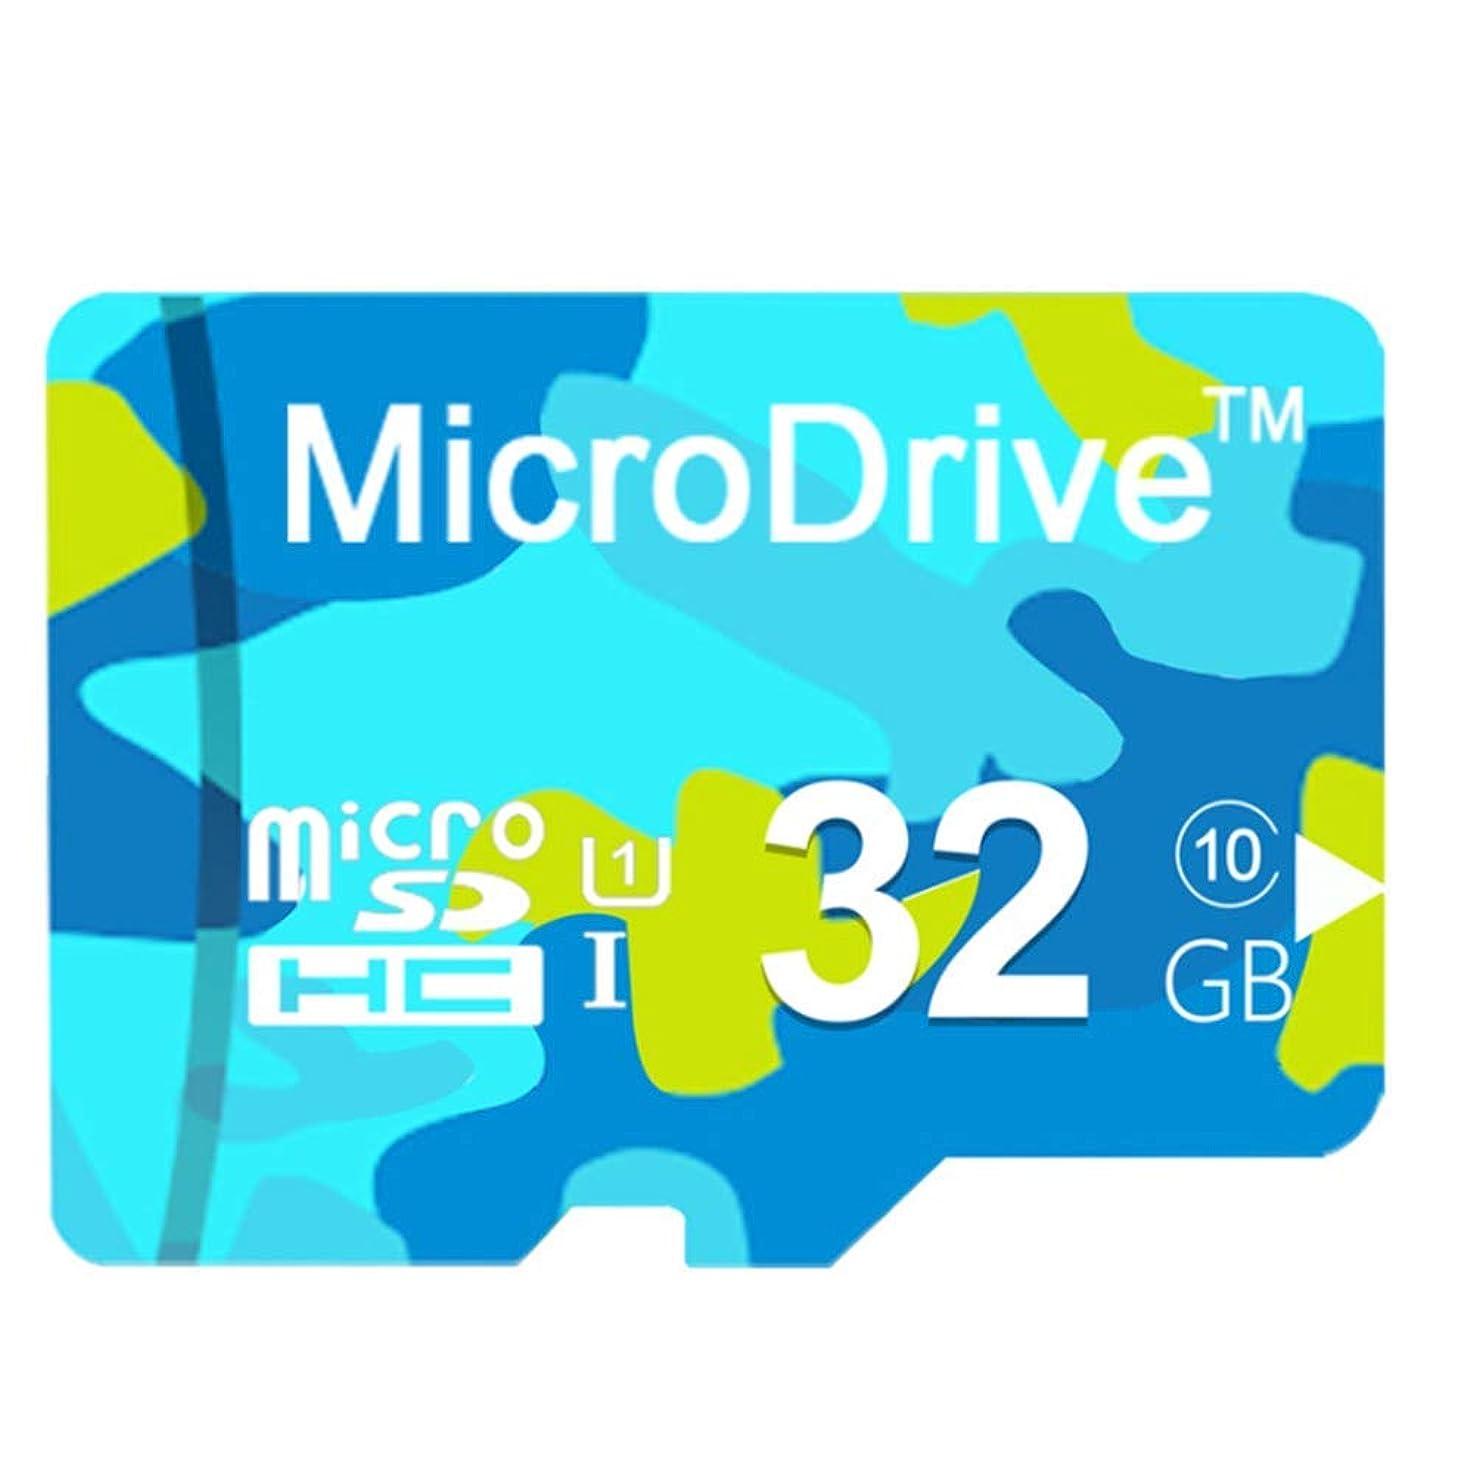 黙認する衣装動物園32GB マイクロSDカード micro-SD カード 伝送レートCLASS10 TFカード メモリカード SDアダプタ付き 伝送レートCLASS10 携帯電話、タブレットPC、カメラ用 超高速転送 多く対象に適用する